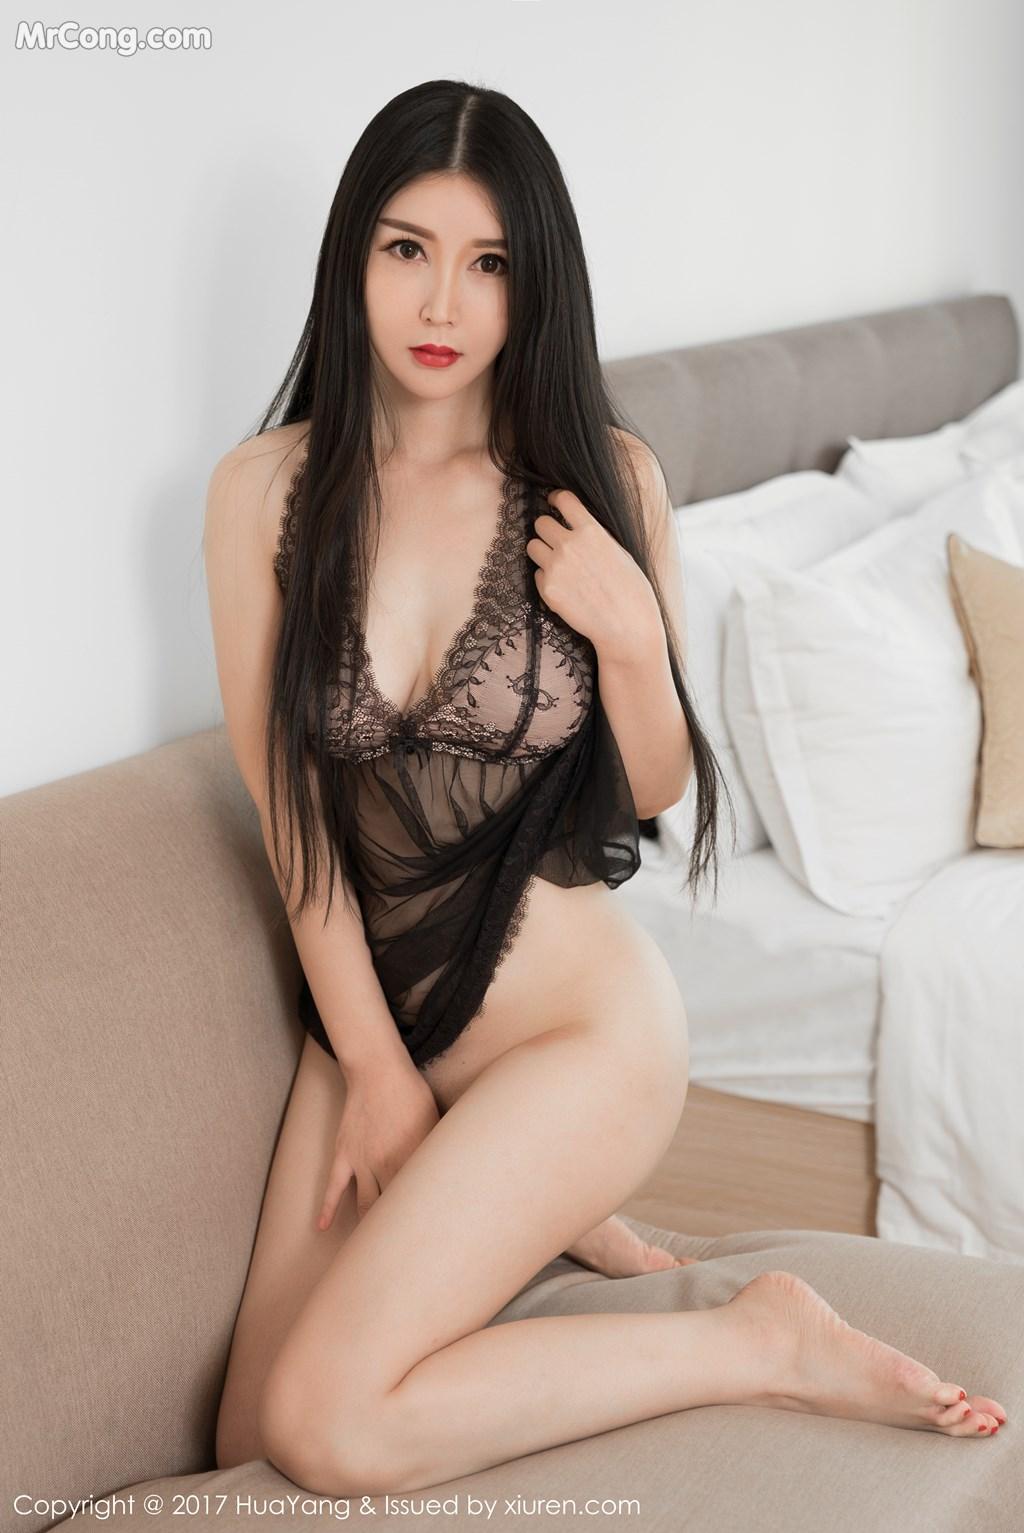 Image HuaYang-2017-12-05-Vol.017-Gu-Xinyi-MrCong.com-005 in post HuaYang 2017-12-05 Vol.017: Người mẫu Gu Xinyi (顾欣怡) (44 ảnh)